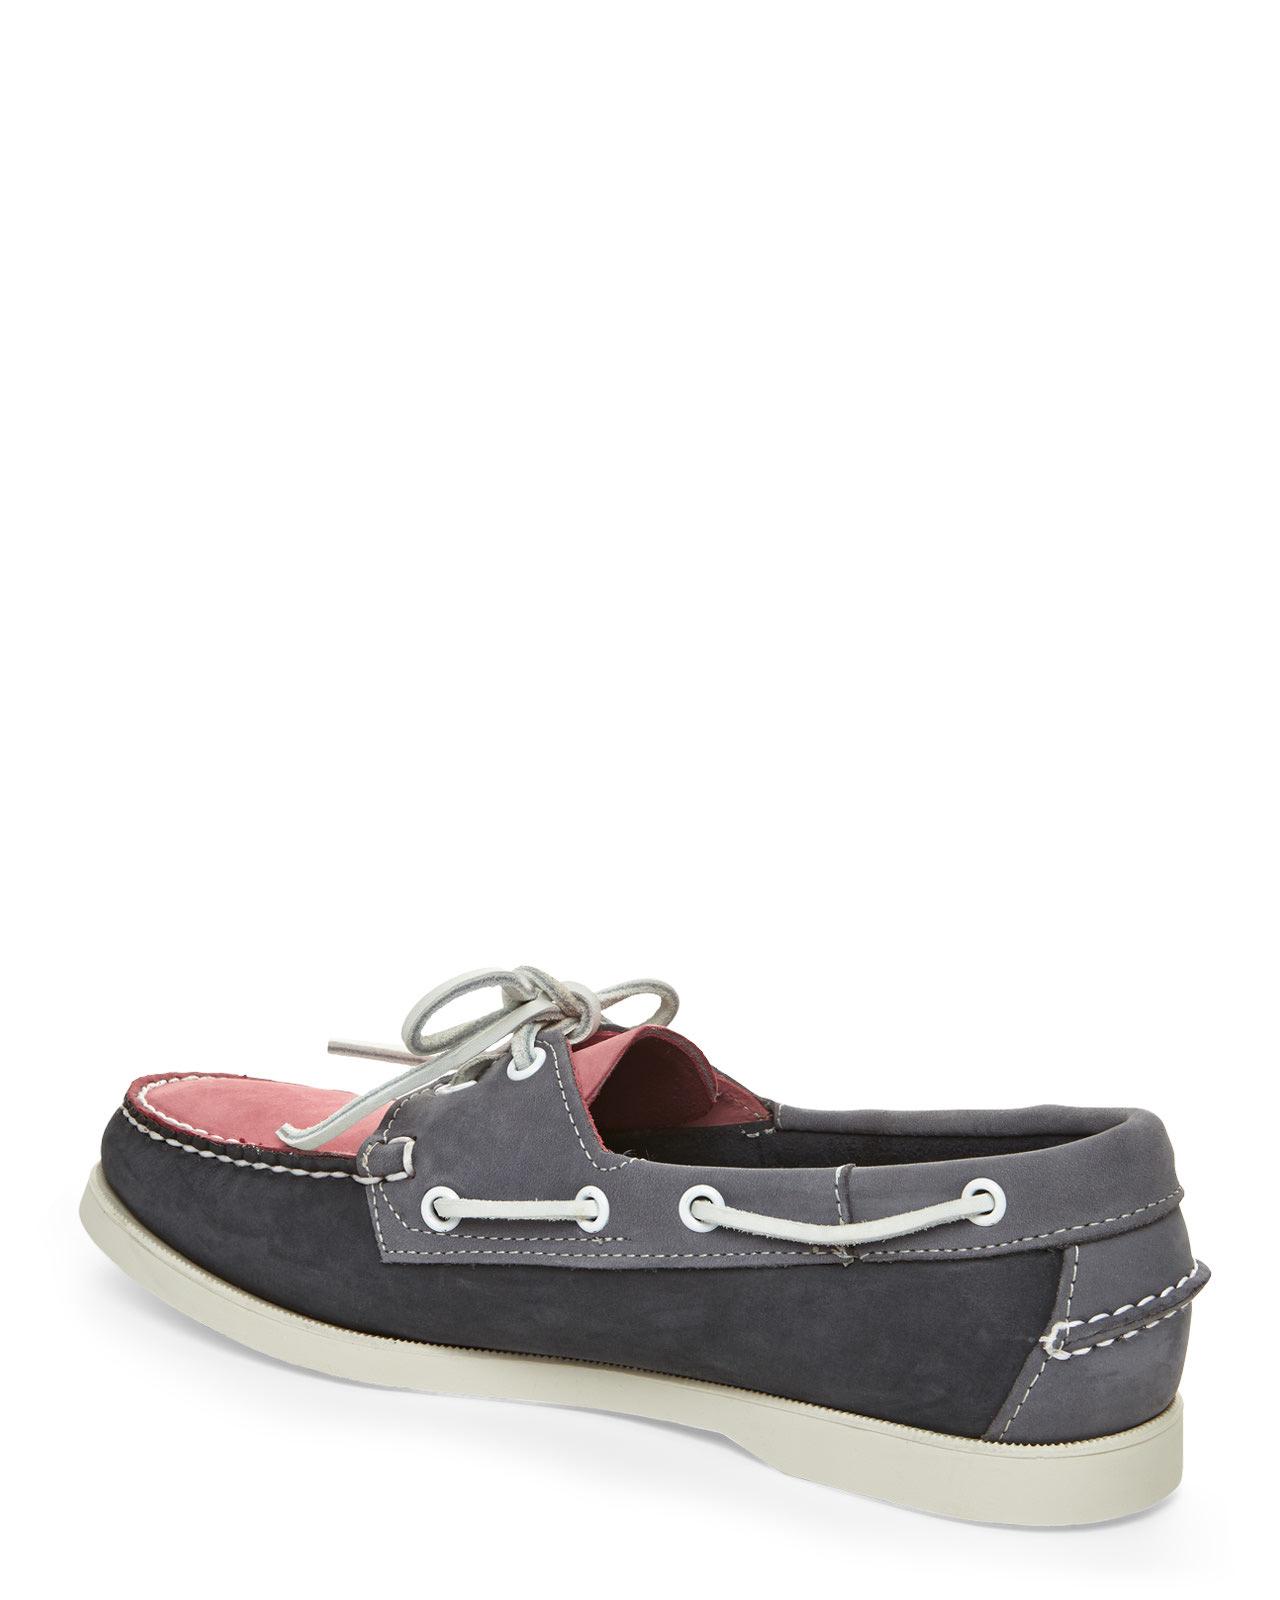 Sebago DOCKSIDES - Boat shoes - pink 7ByPLG